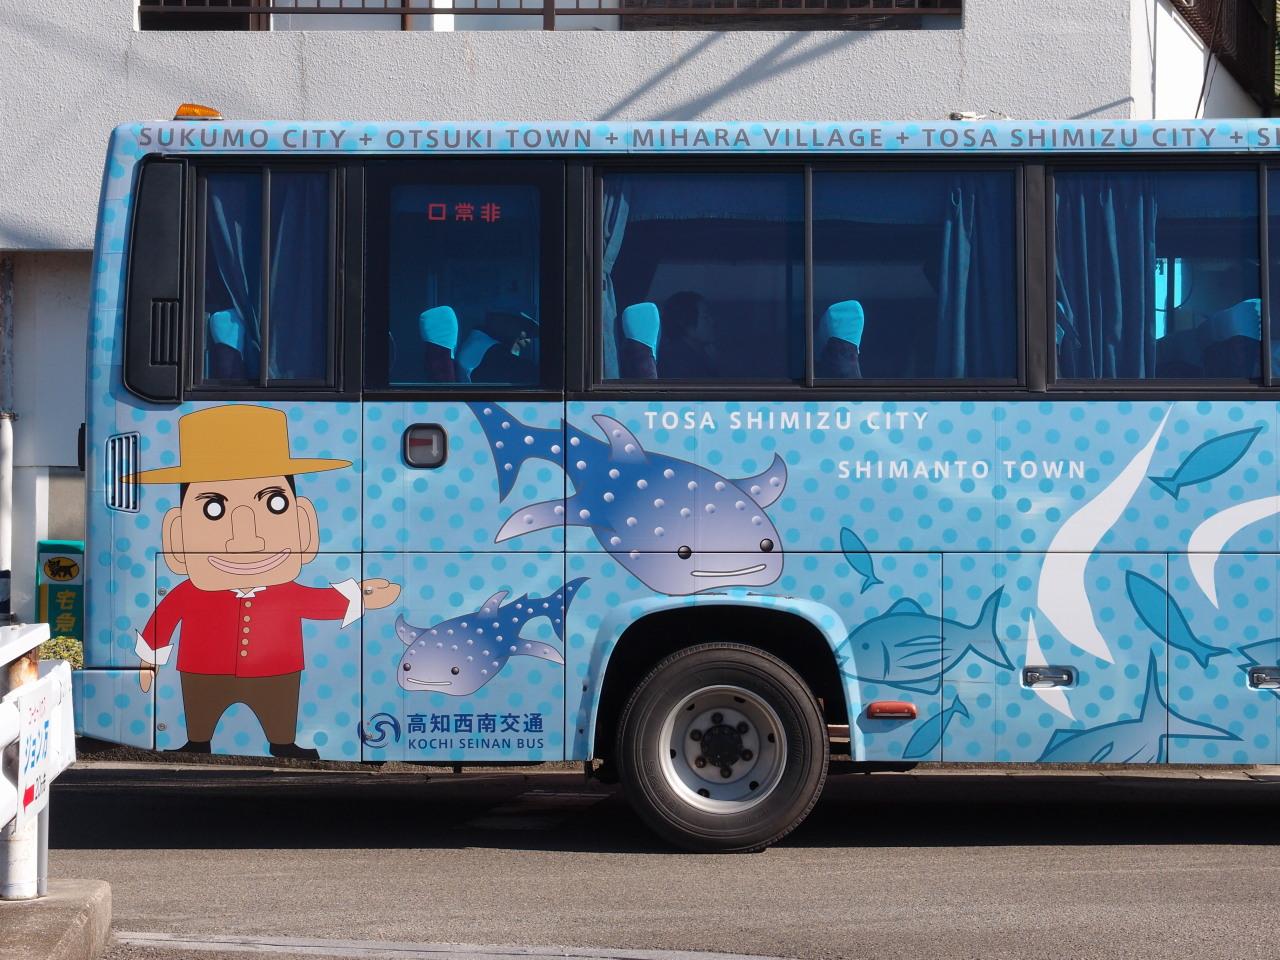 万次郎バス